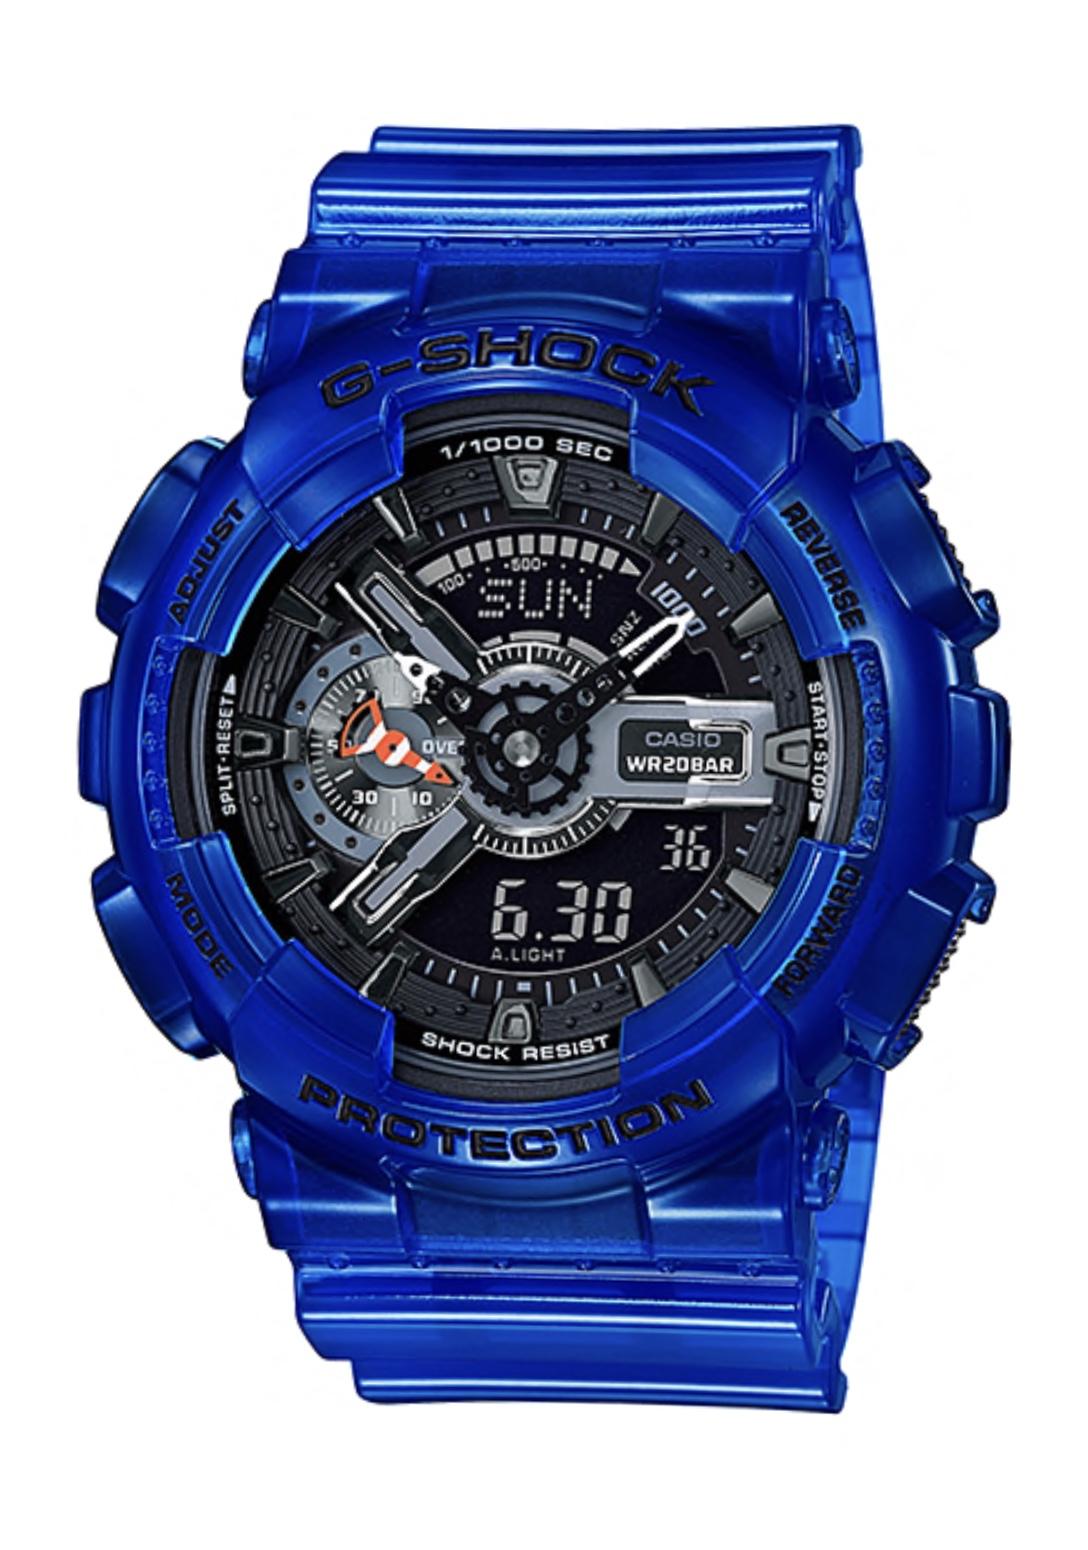 นาฬิกา Casio G-Shock GA-110CR เจลลี่ใส CORAL REEF series รุ่น GA-110CR-2A (เจลลี่สีน้ำทะเล) ของแท้ รับประกันศูนย์ 1 ปี